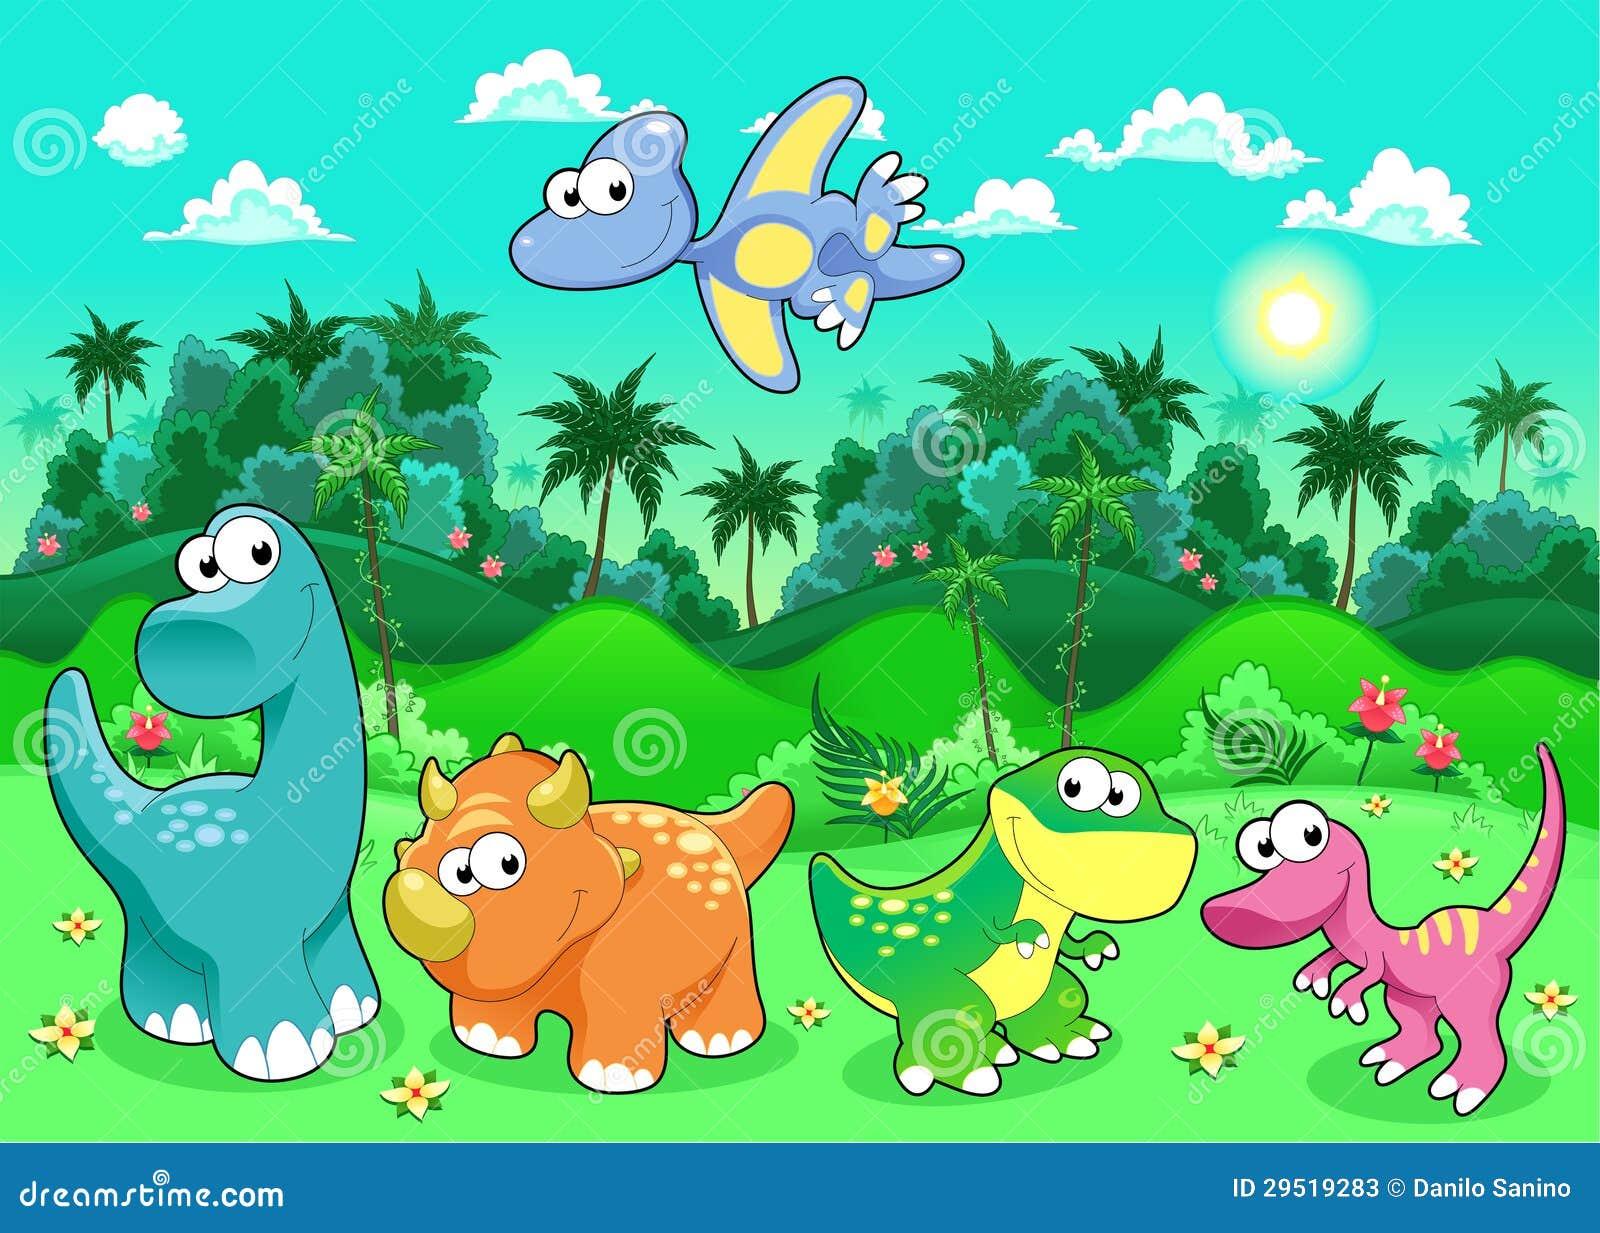 Dinosaurios divertidos en el bosque ilustraci n del for Imagenes de estanques para ninos